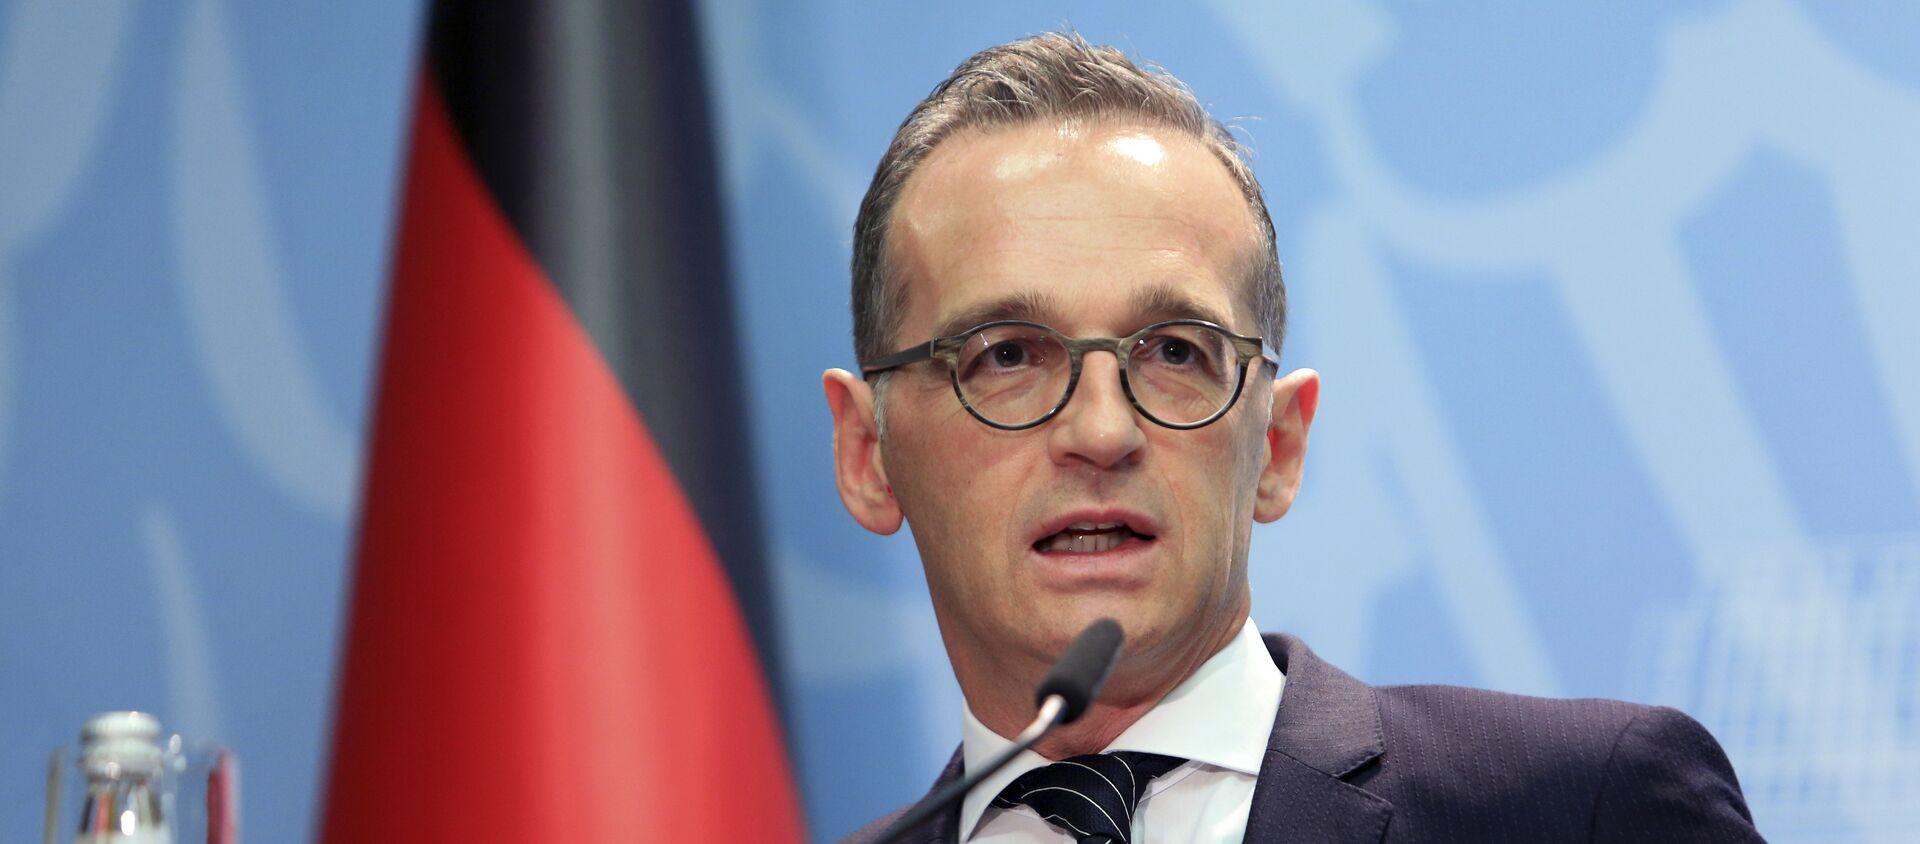 Heiko Maas, ministro de Exteriores de Alemania  - Sputnik Mundo, 1920, 08.10.2020